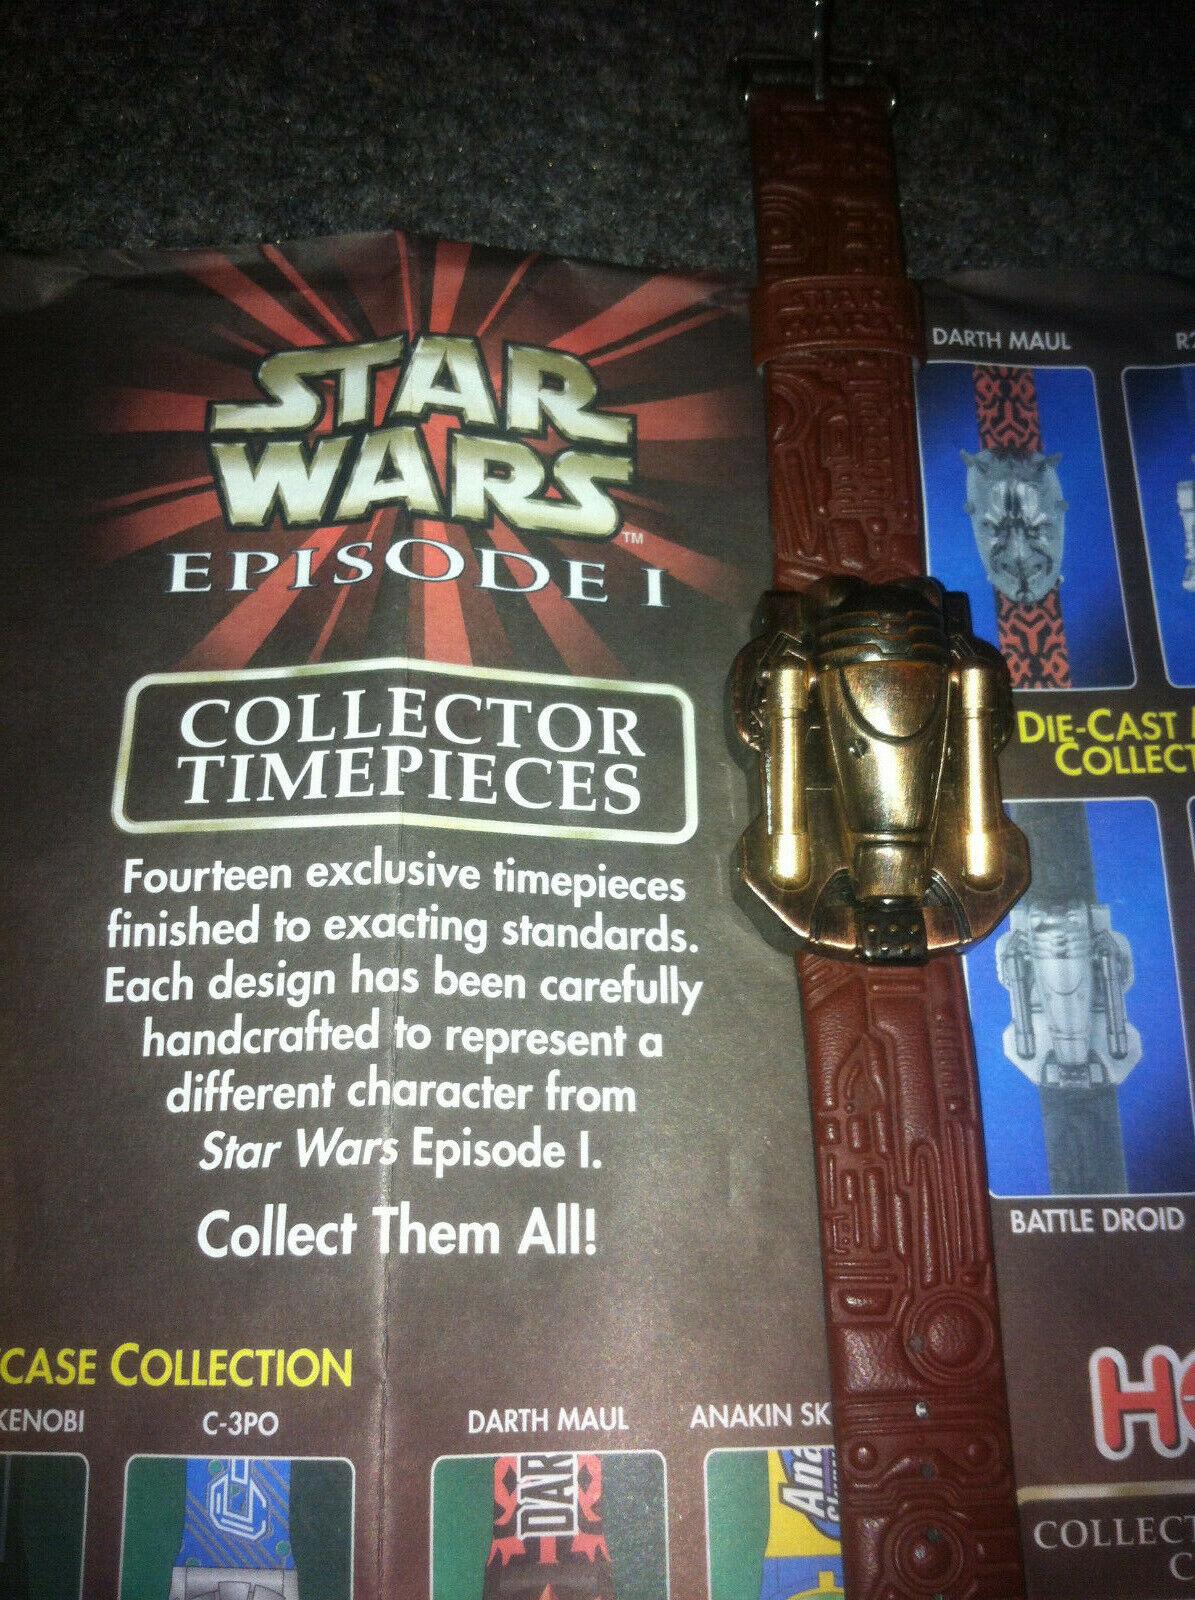 Star Wars Episode 1 Collector Timepiece W/ Metal Case Die-cast Battle Droid  - $10.00